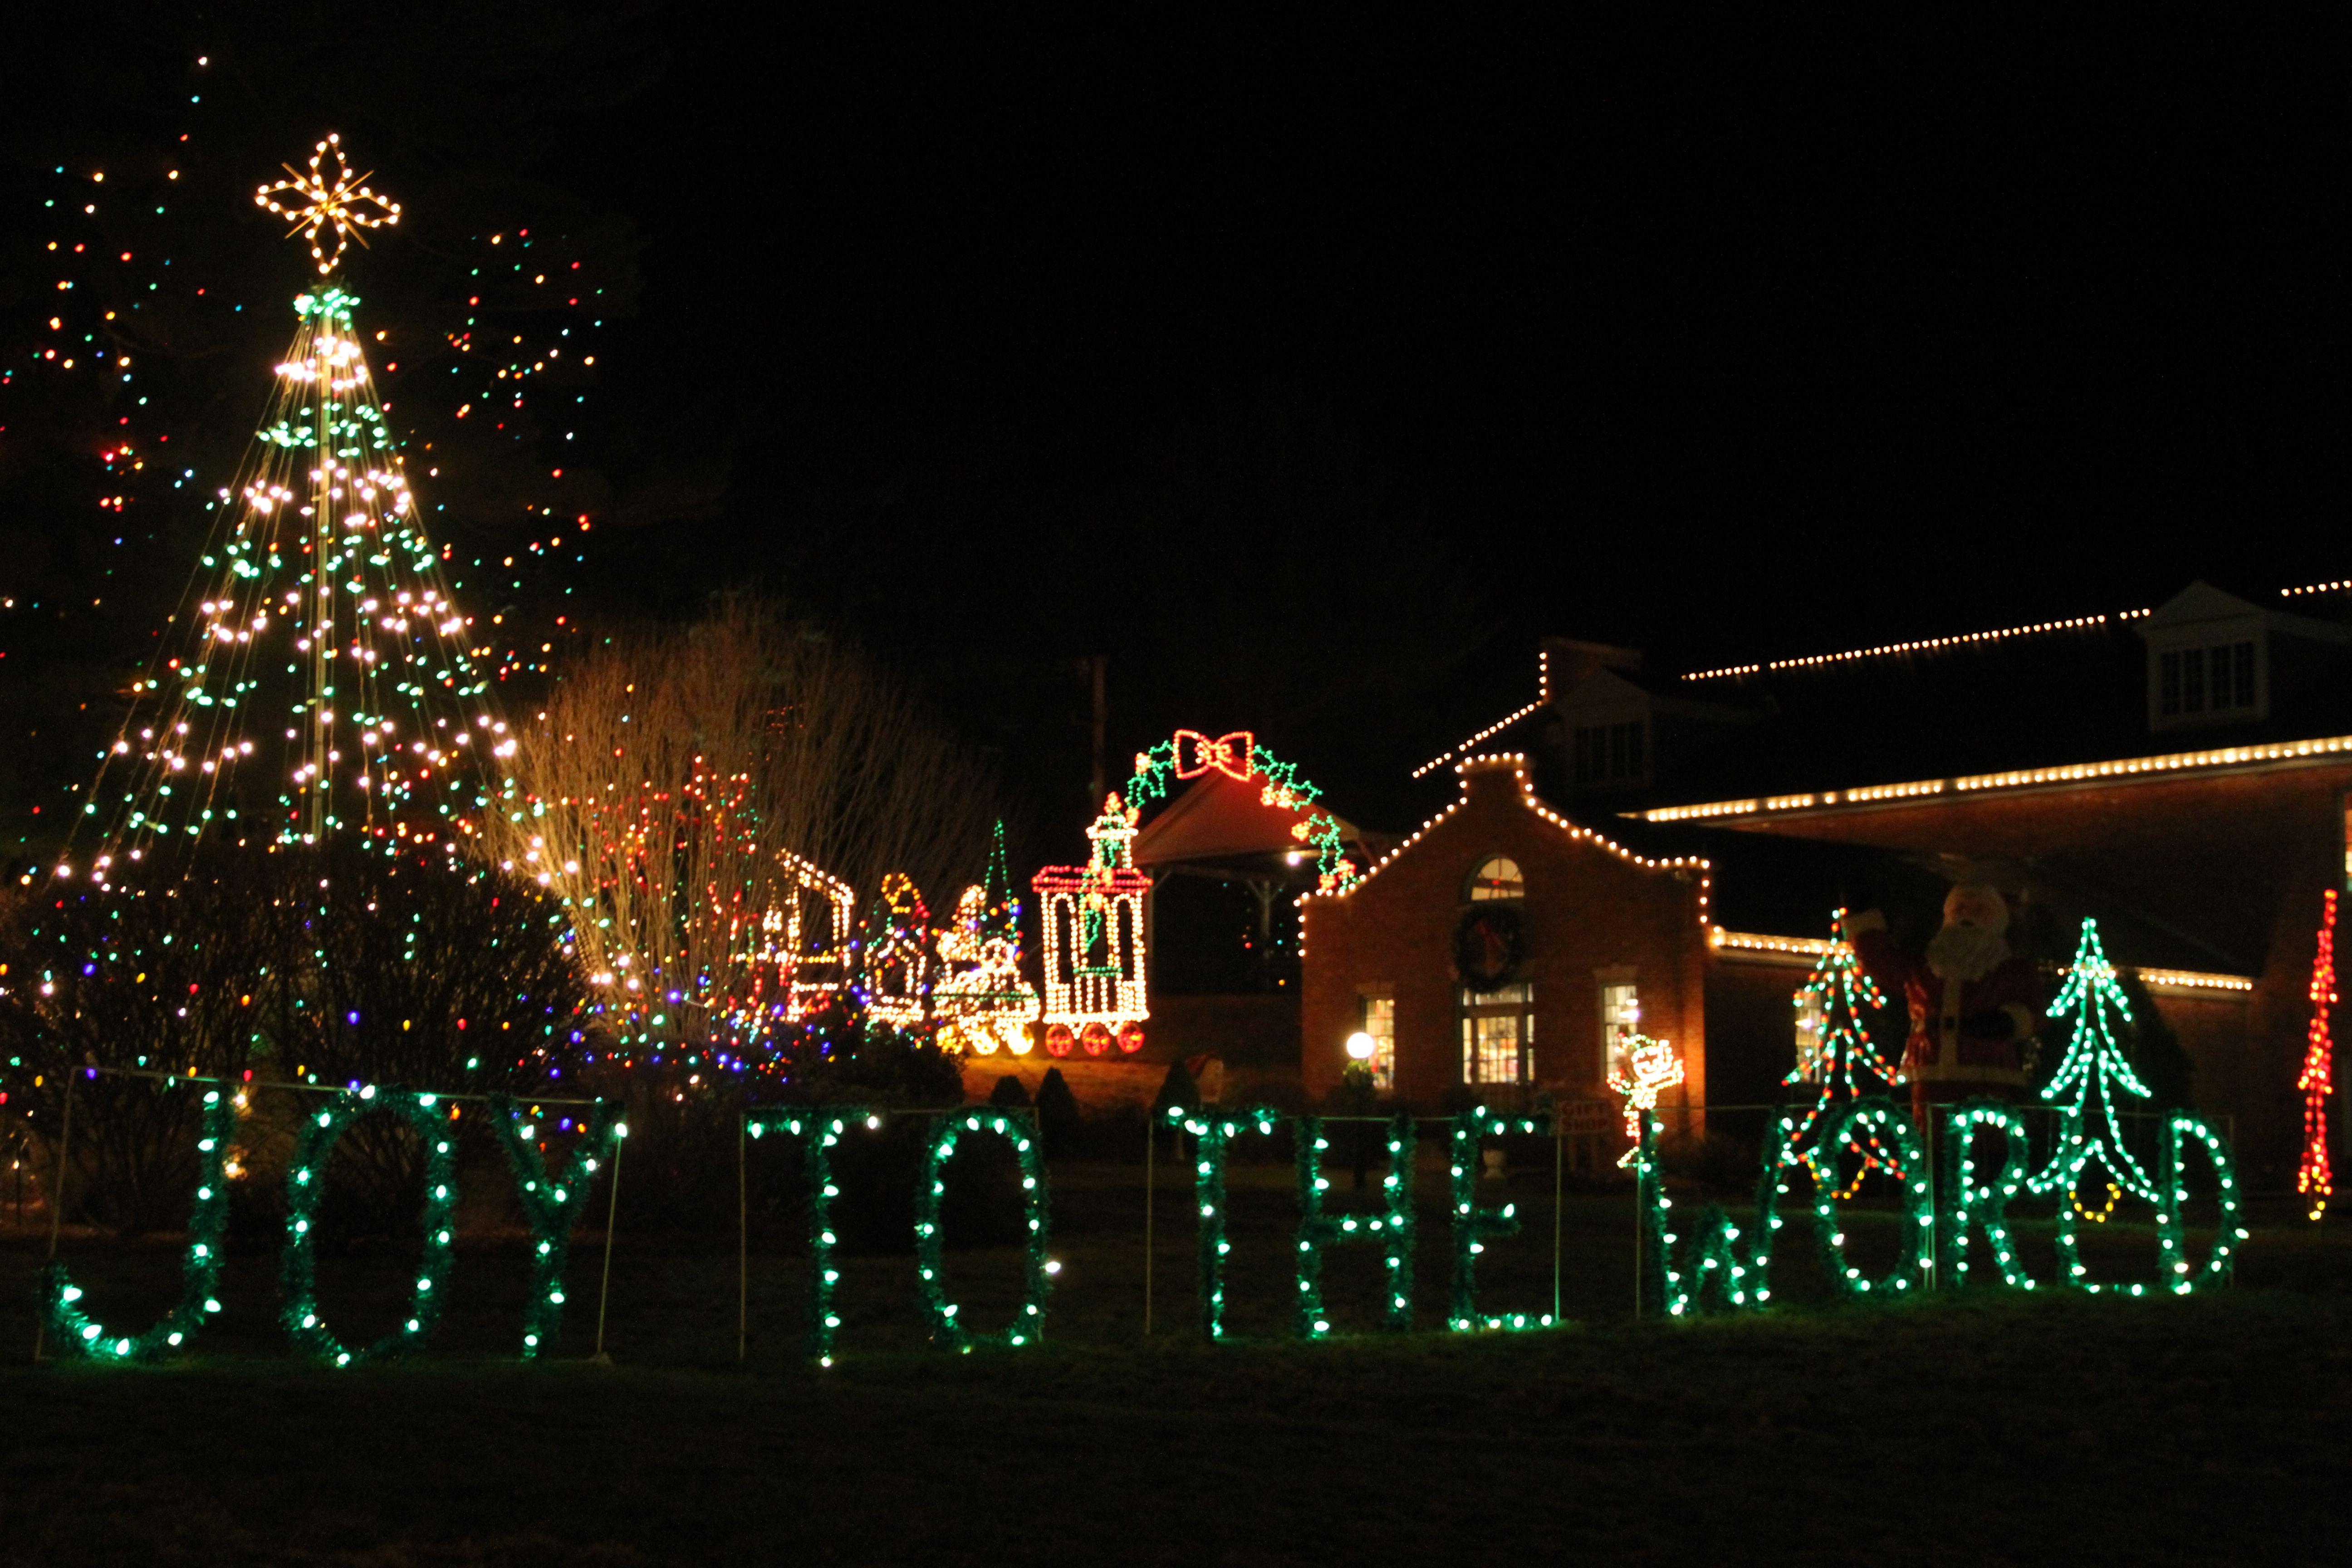 Edaville U.S.A. at Christmas